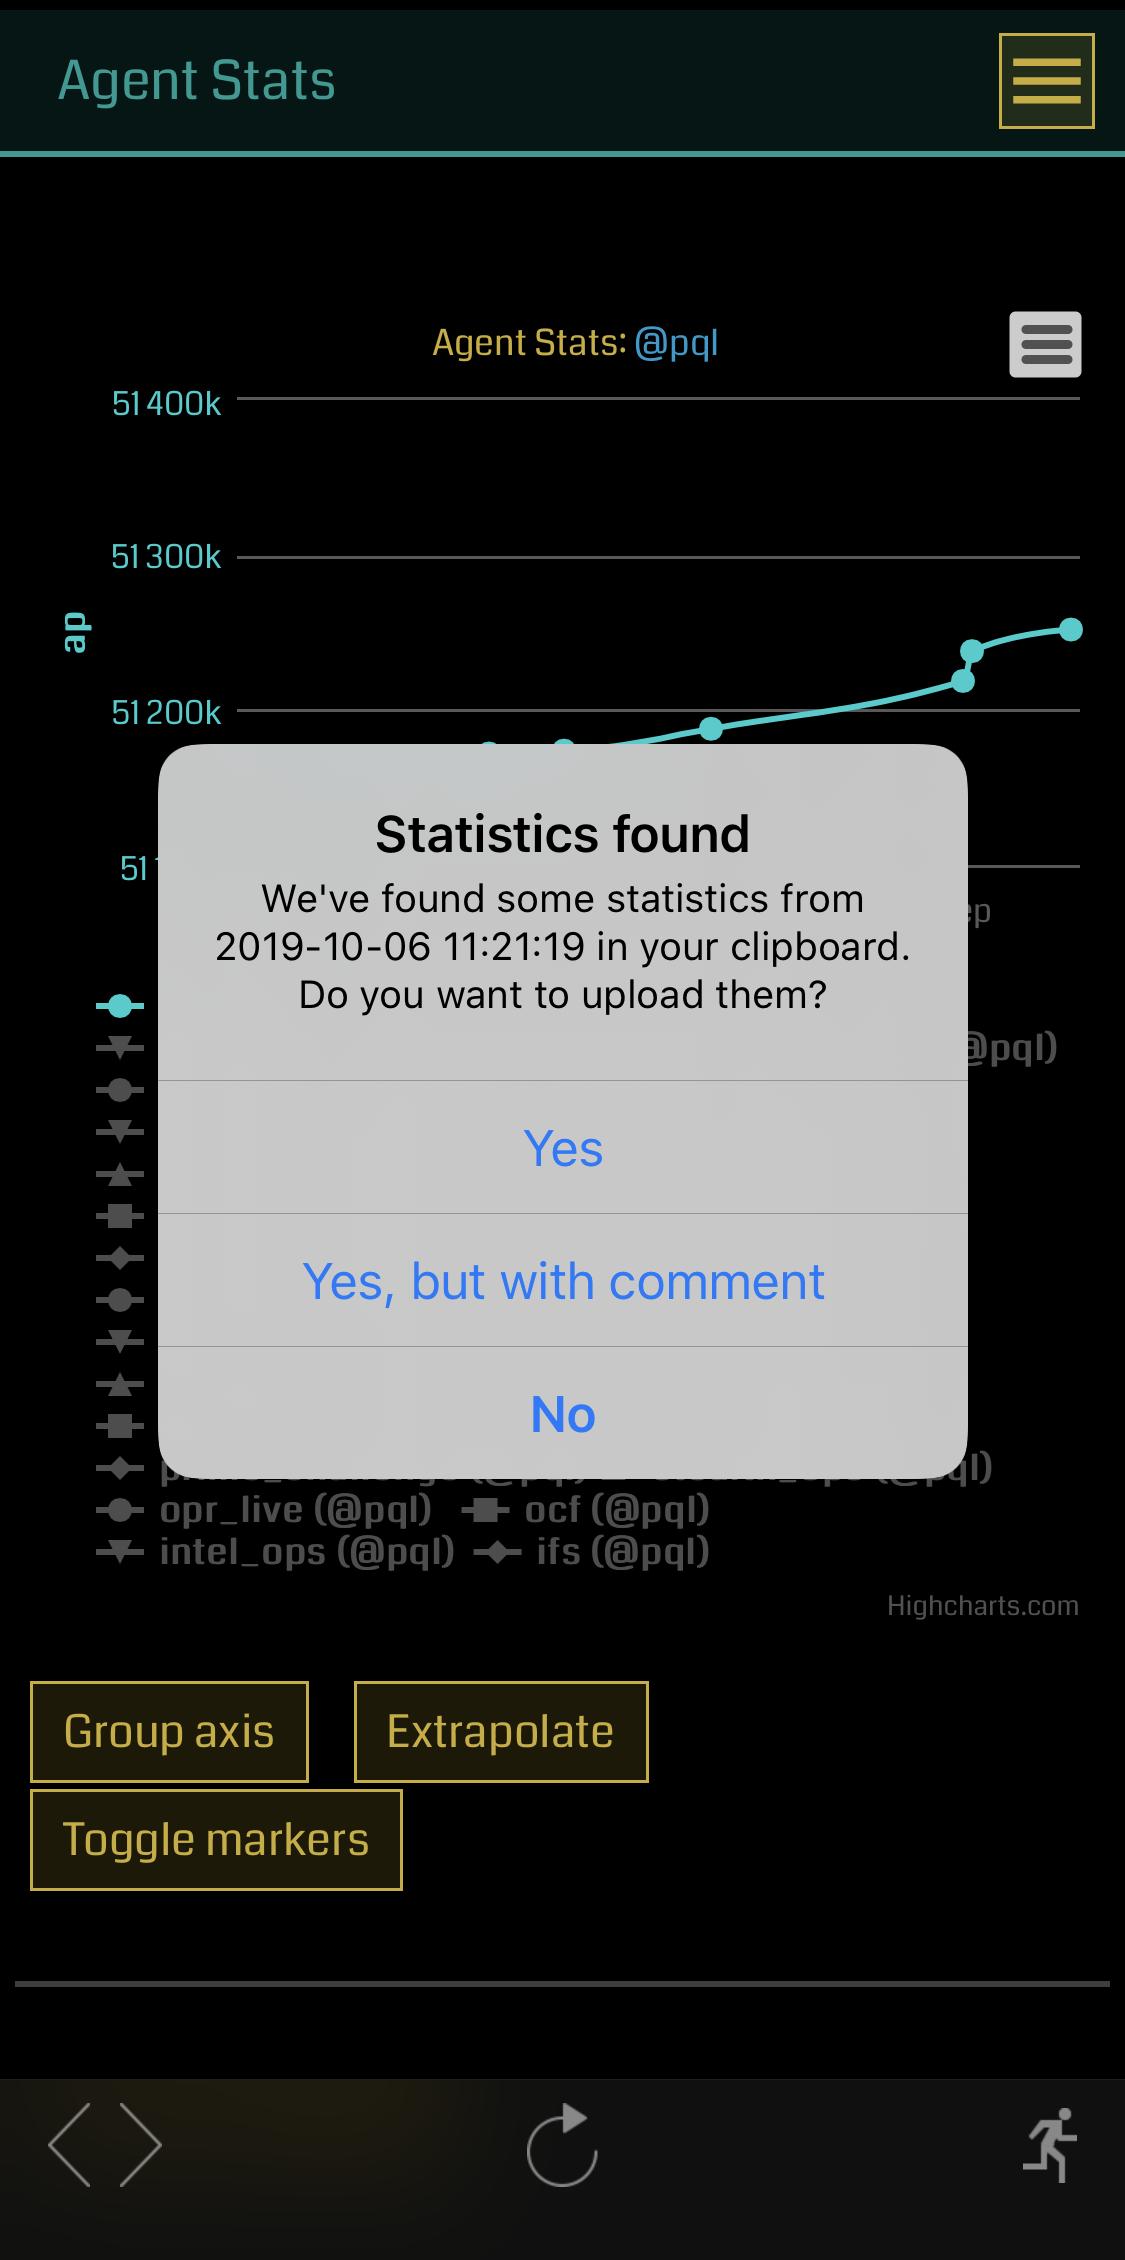 Agentstats agent stats - manual